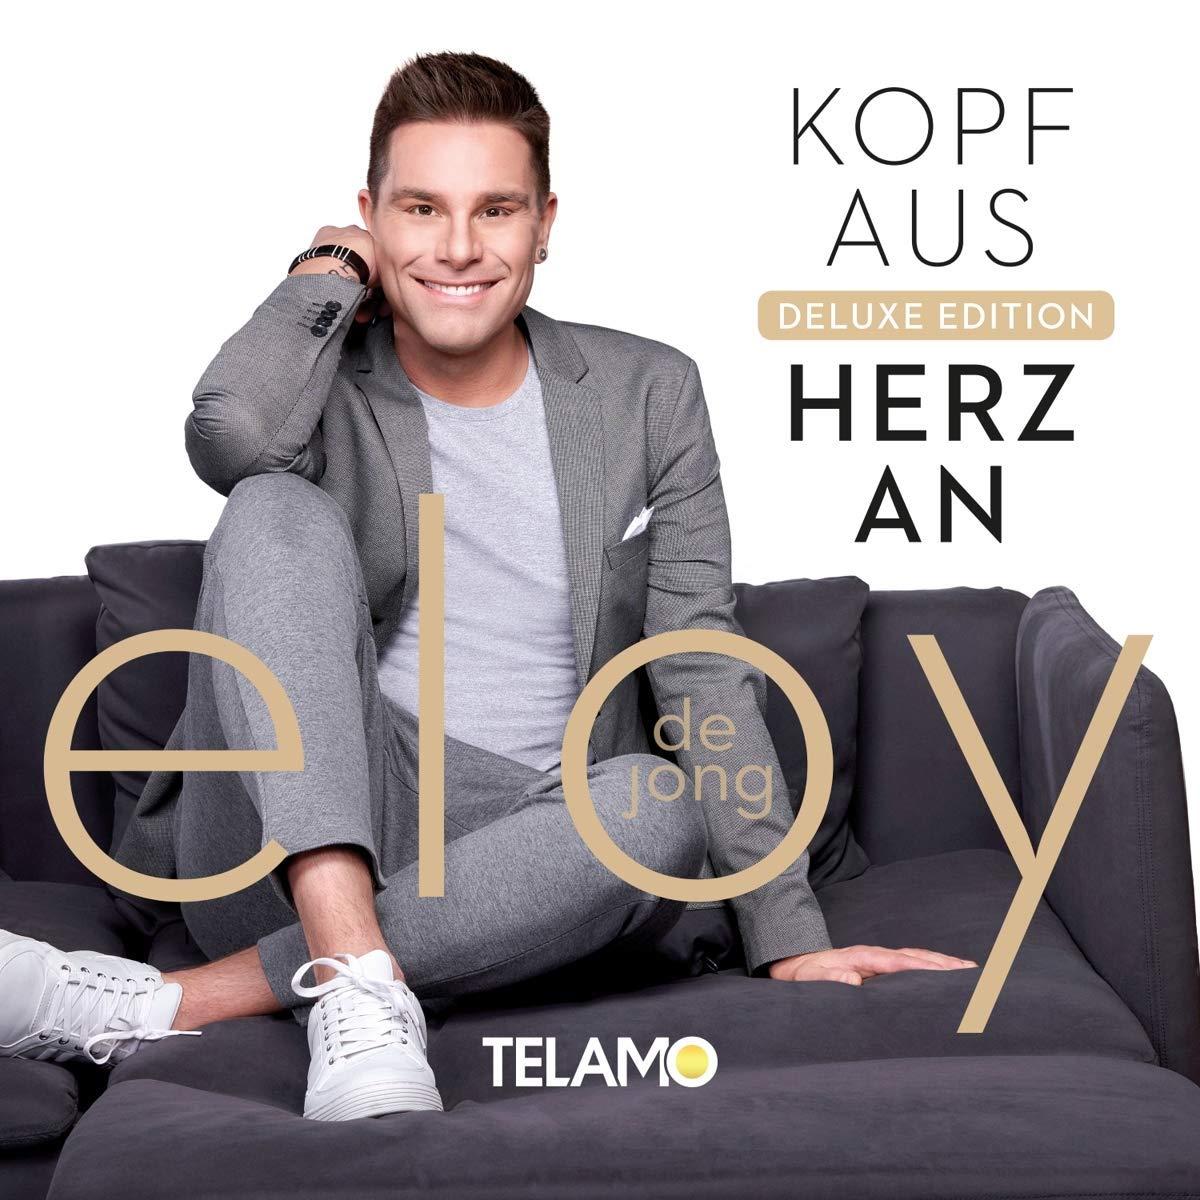 ELOY DE JONG - Kopf aus - Herz an * Deluxe Edition